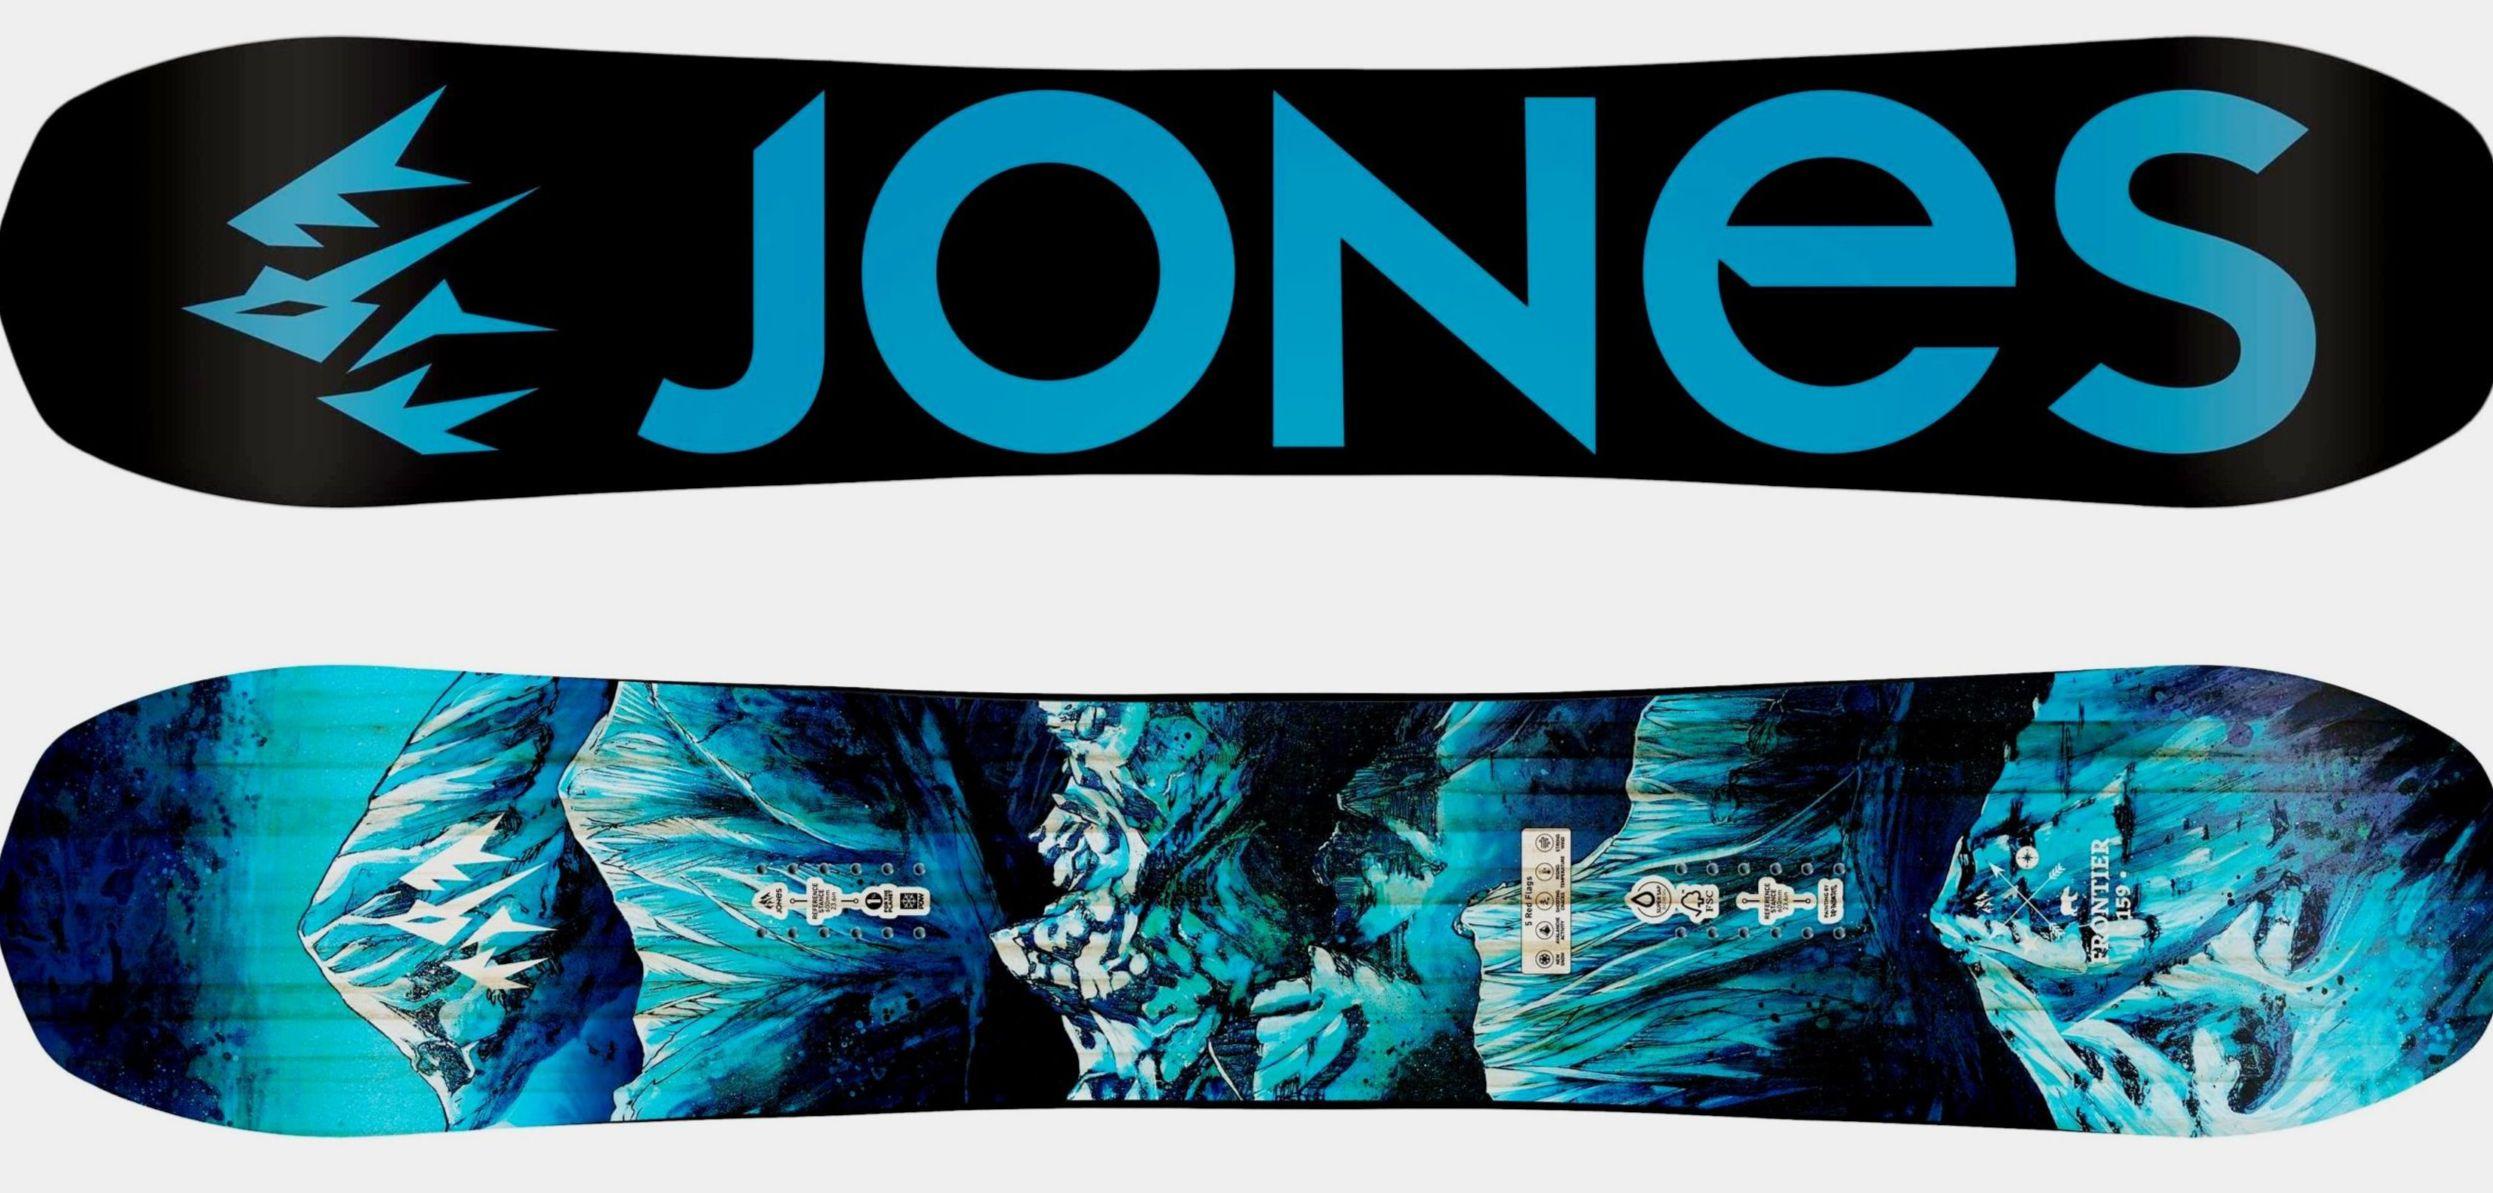 Jones Frontier